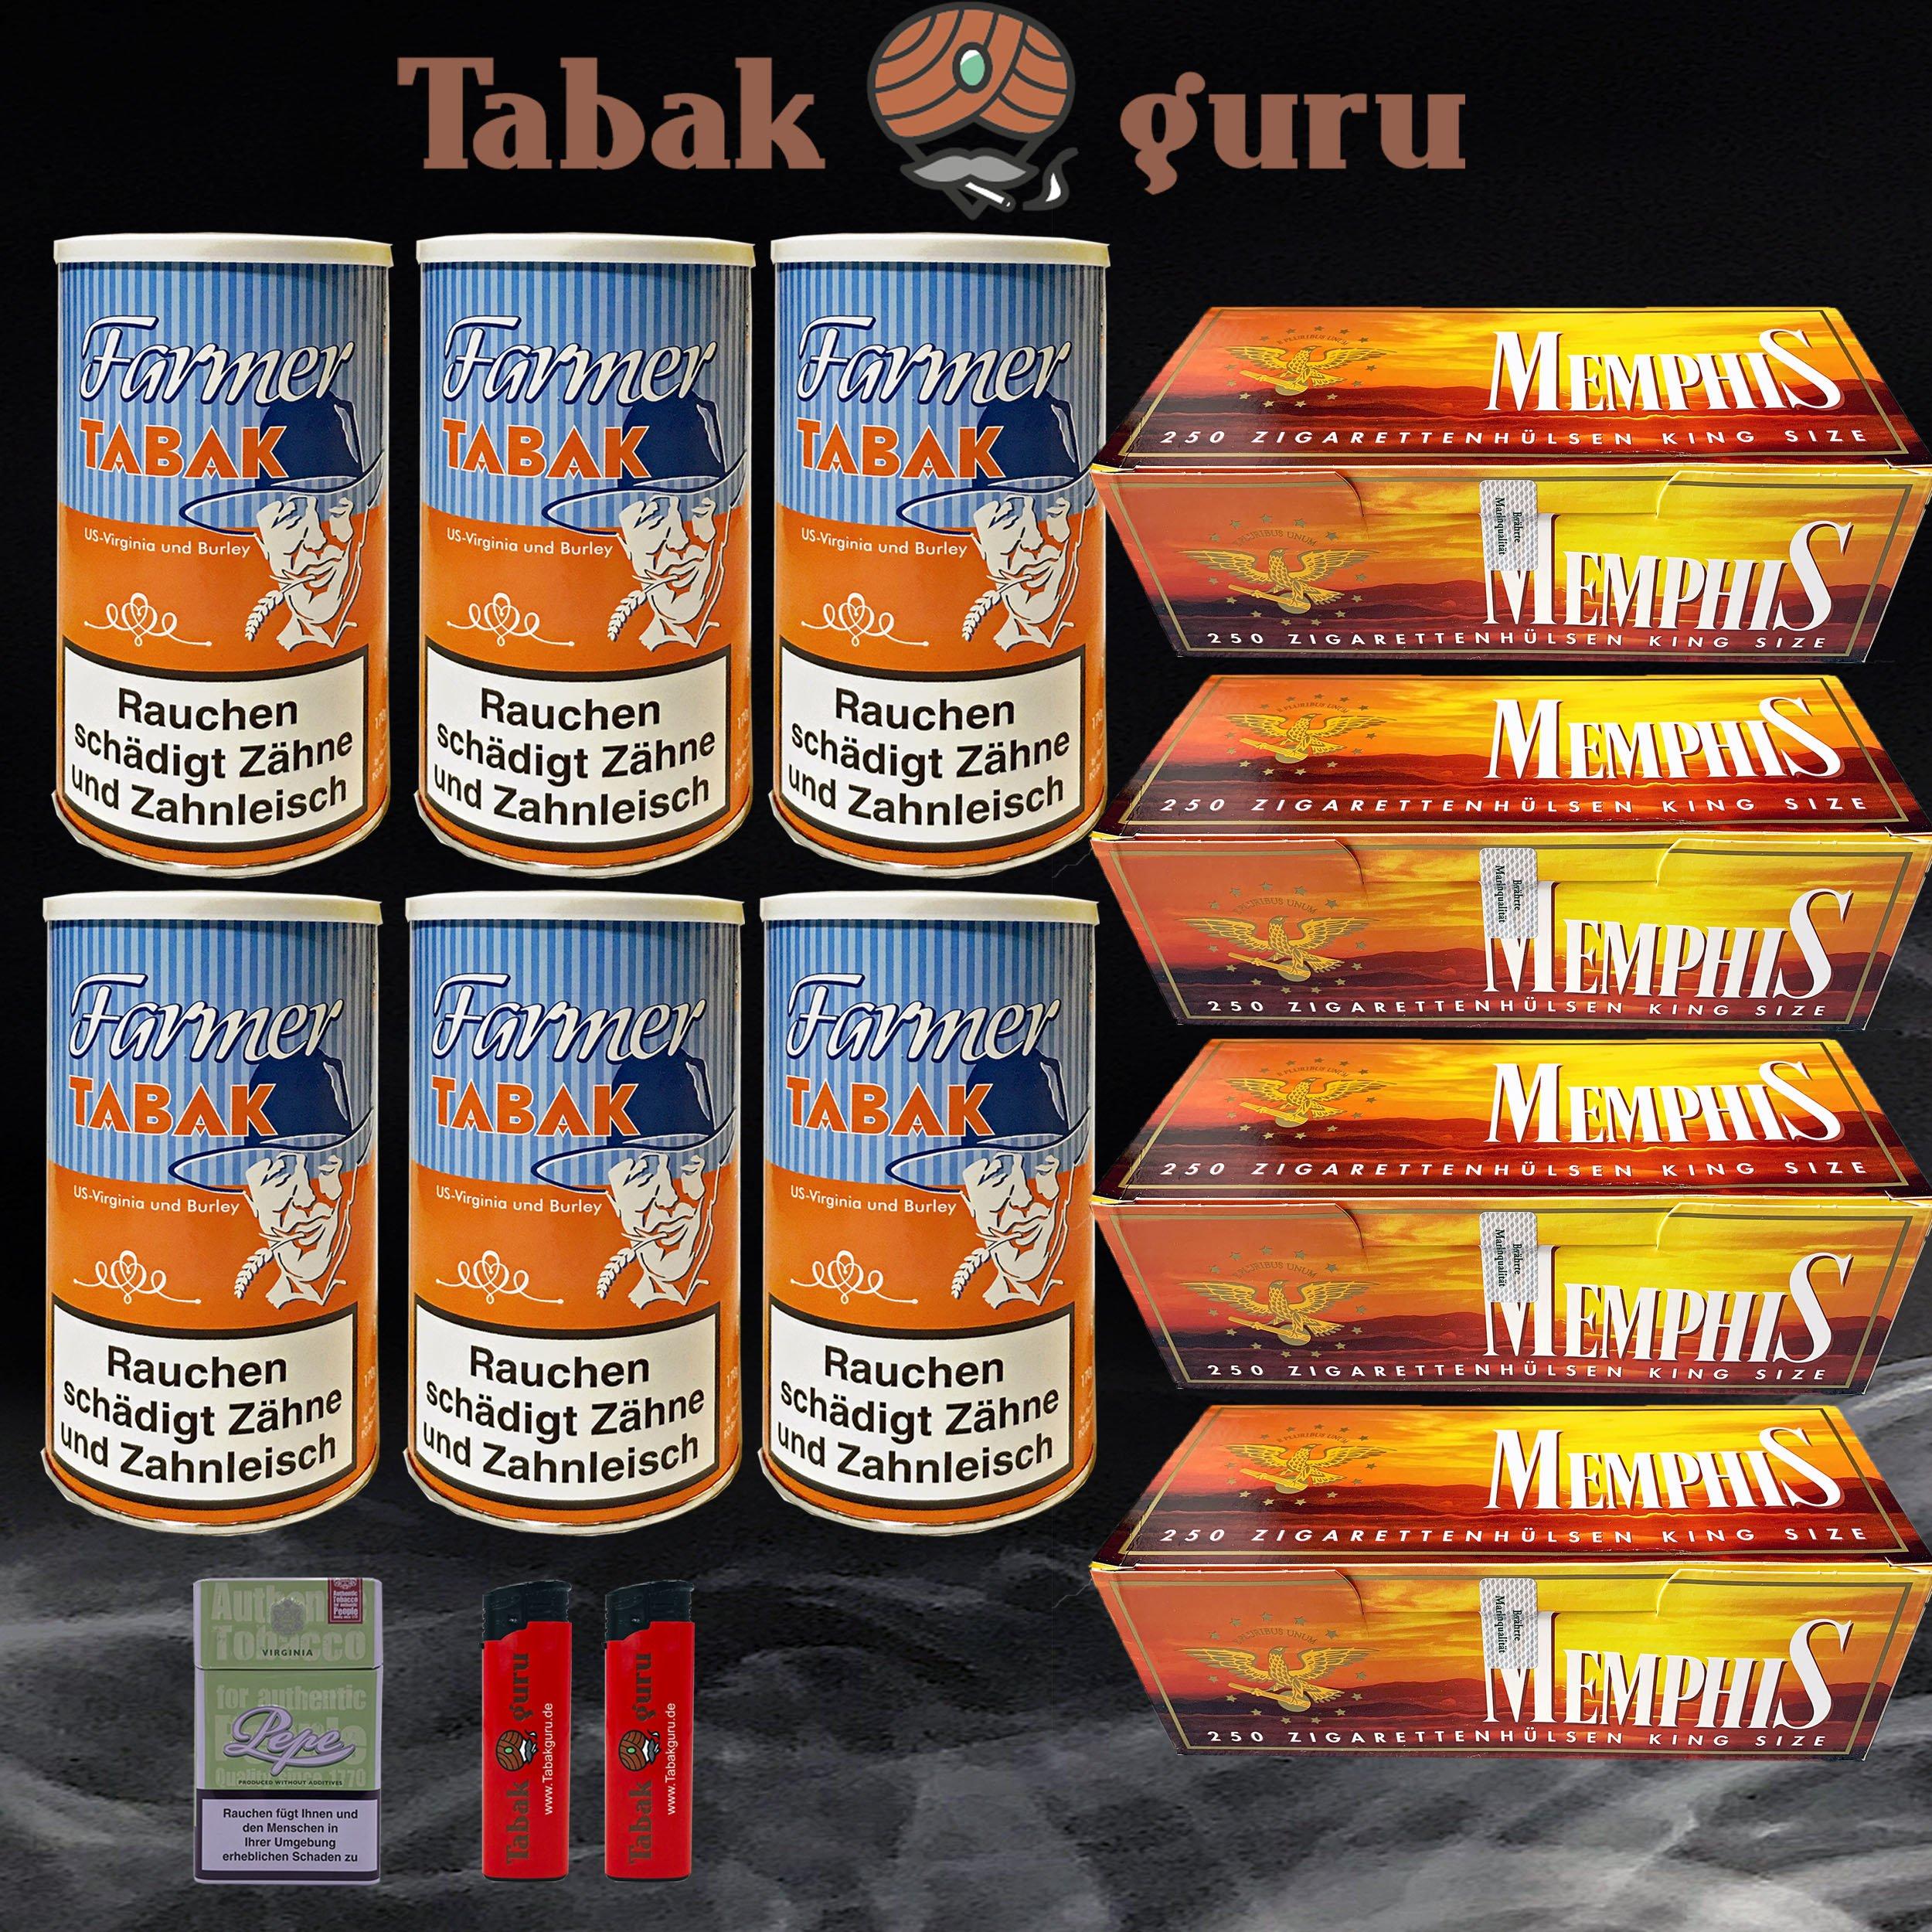 6 Dosen Farmer Tabak + Zubehör